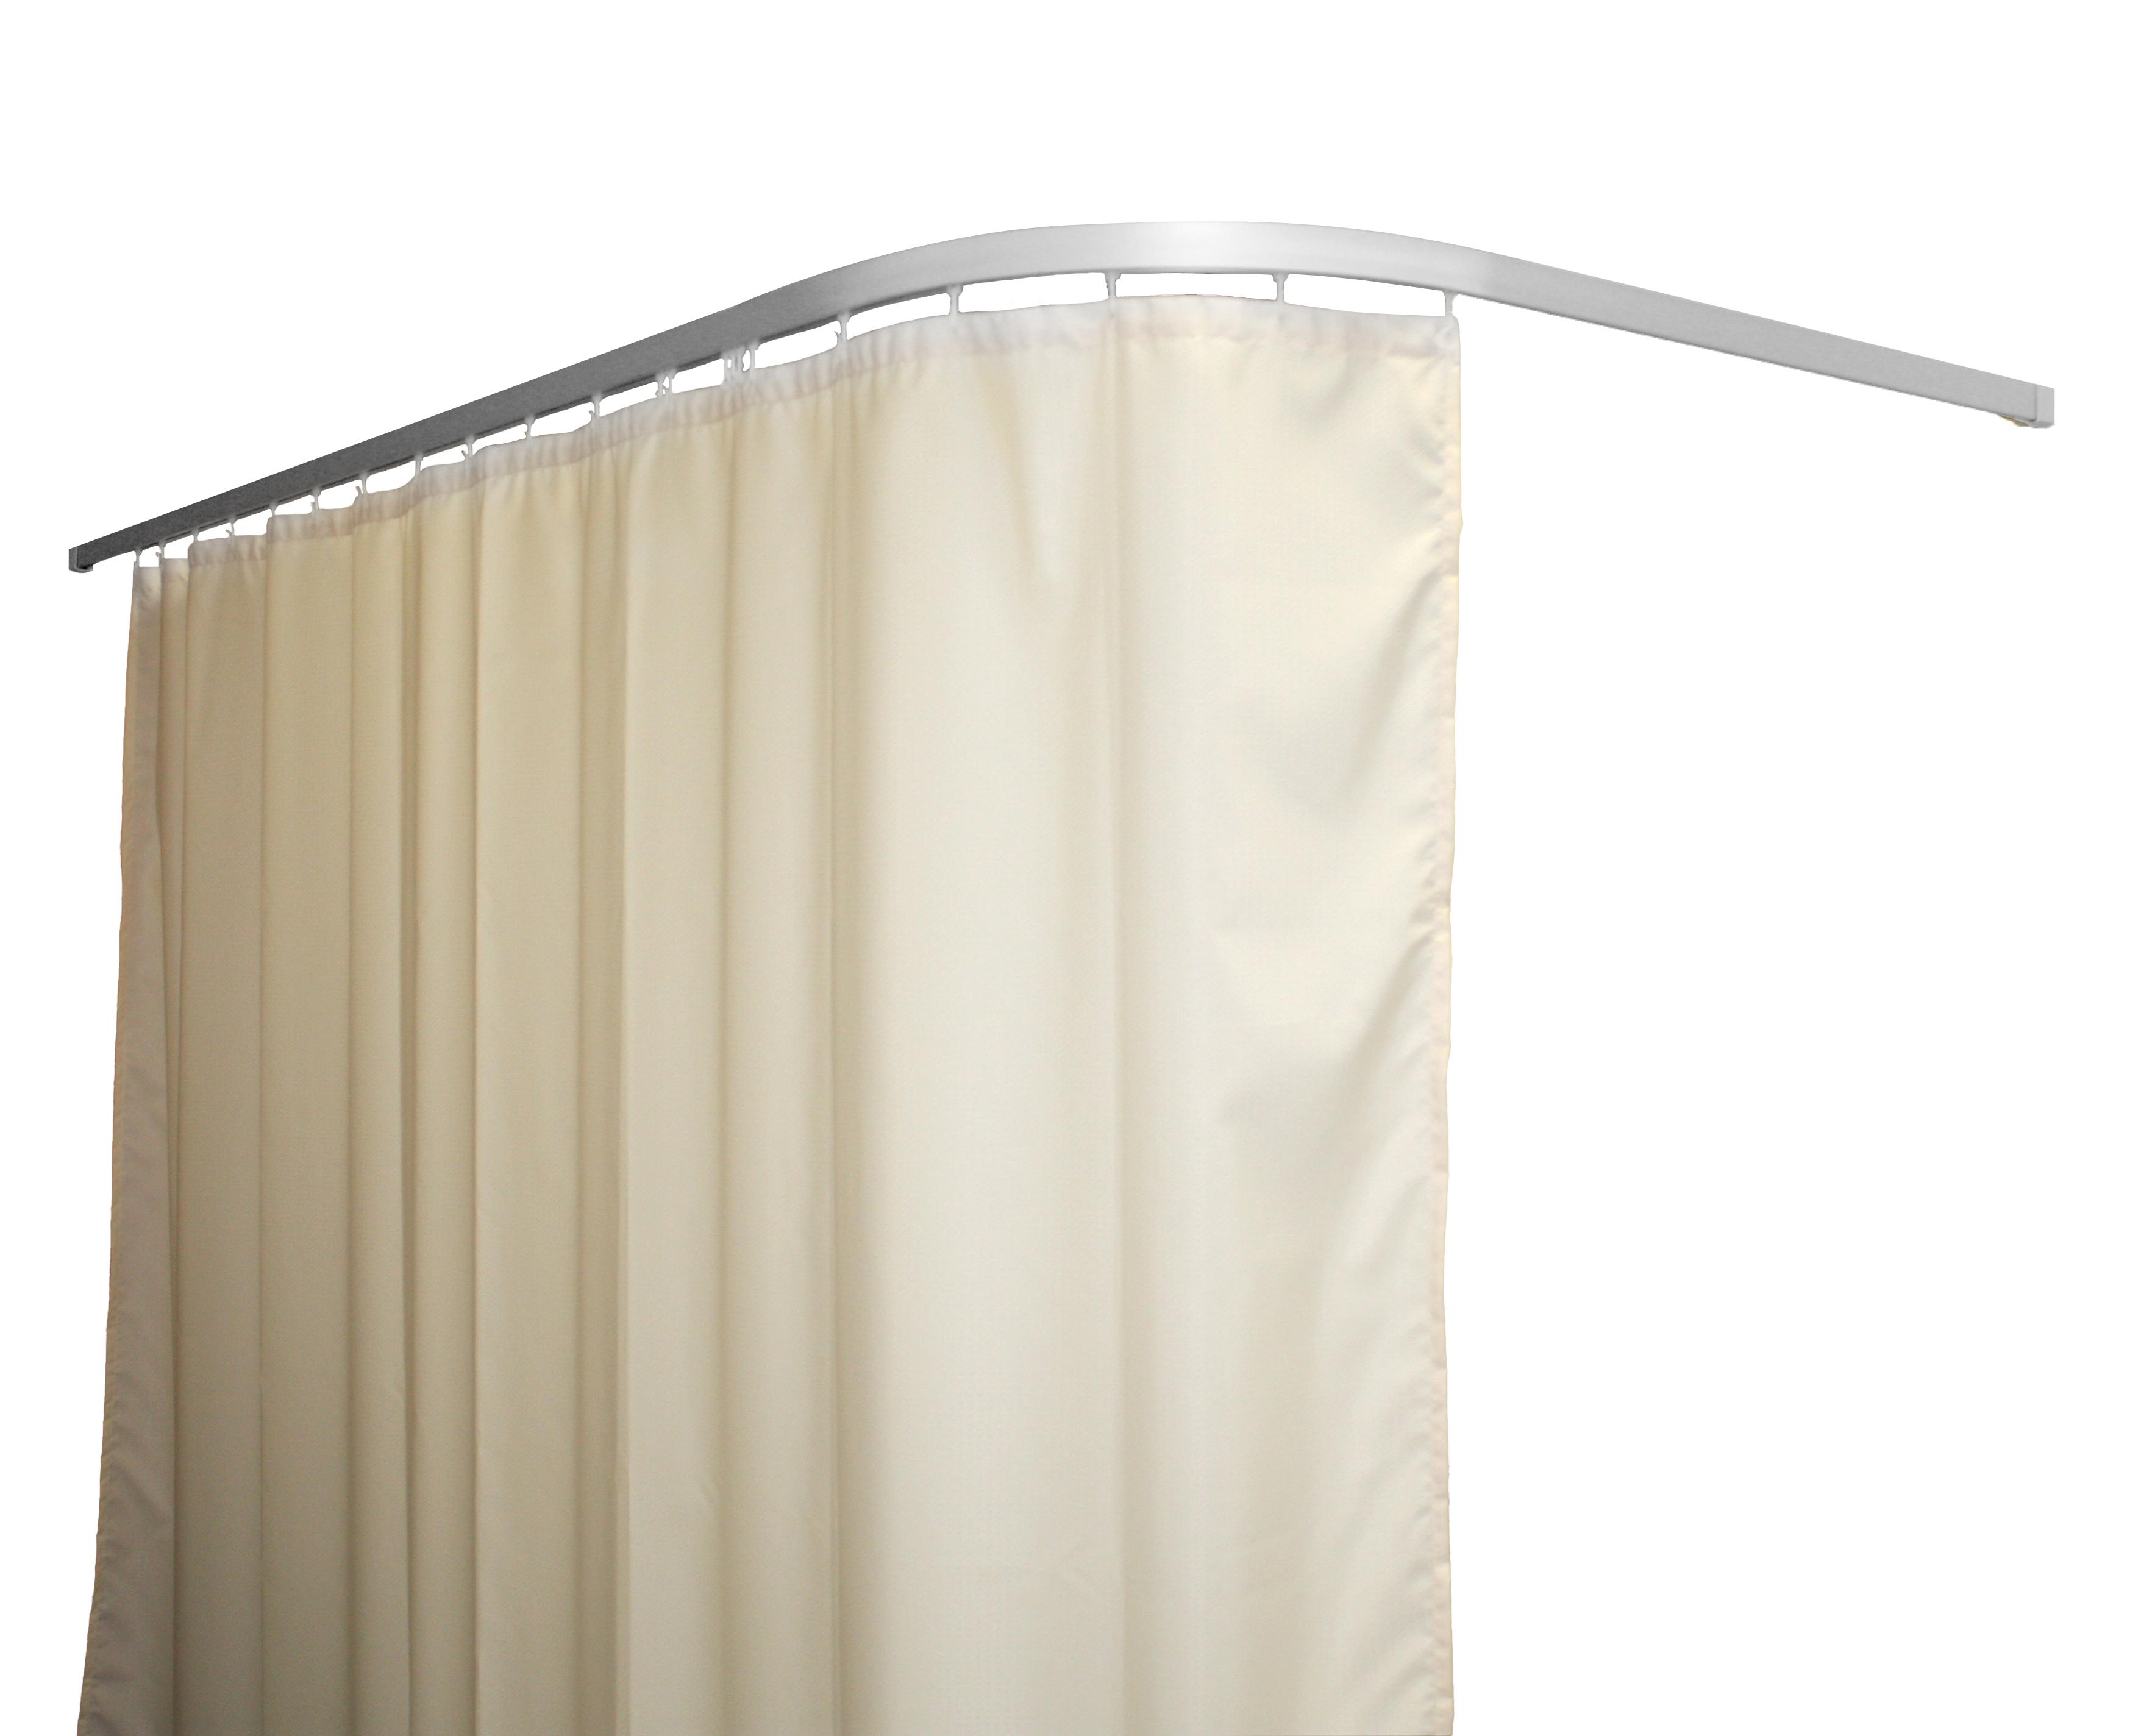 Curtain Racks